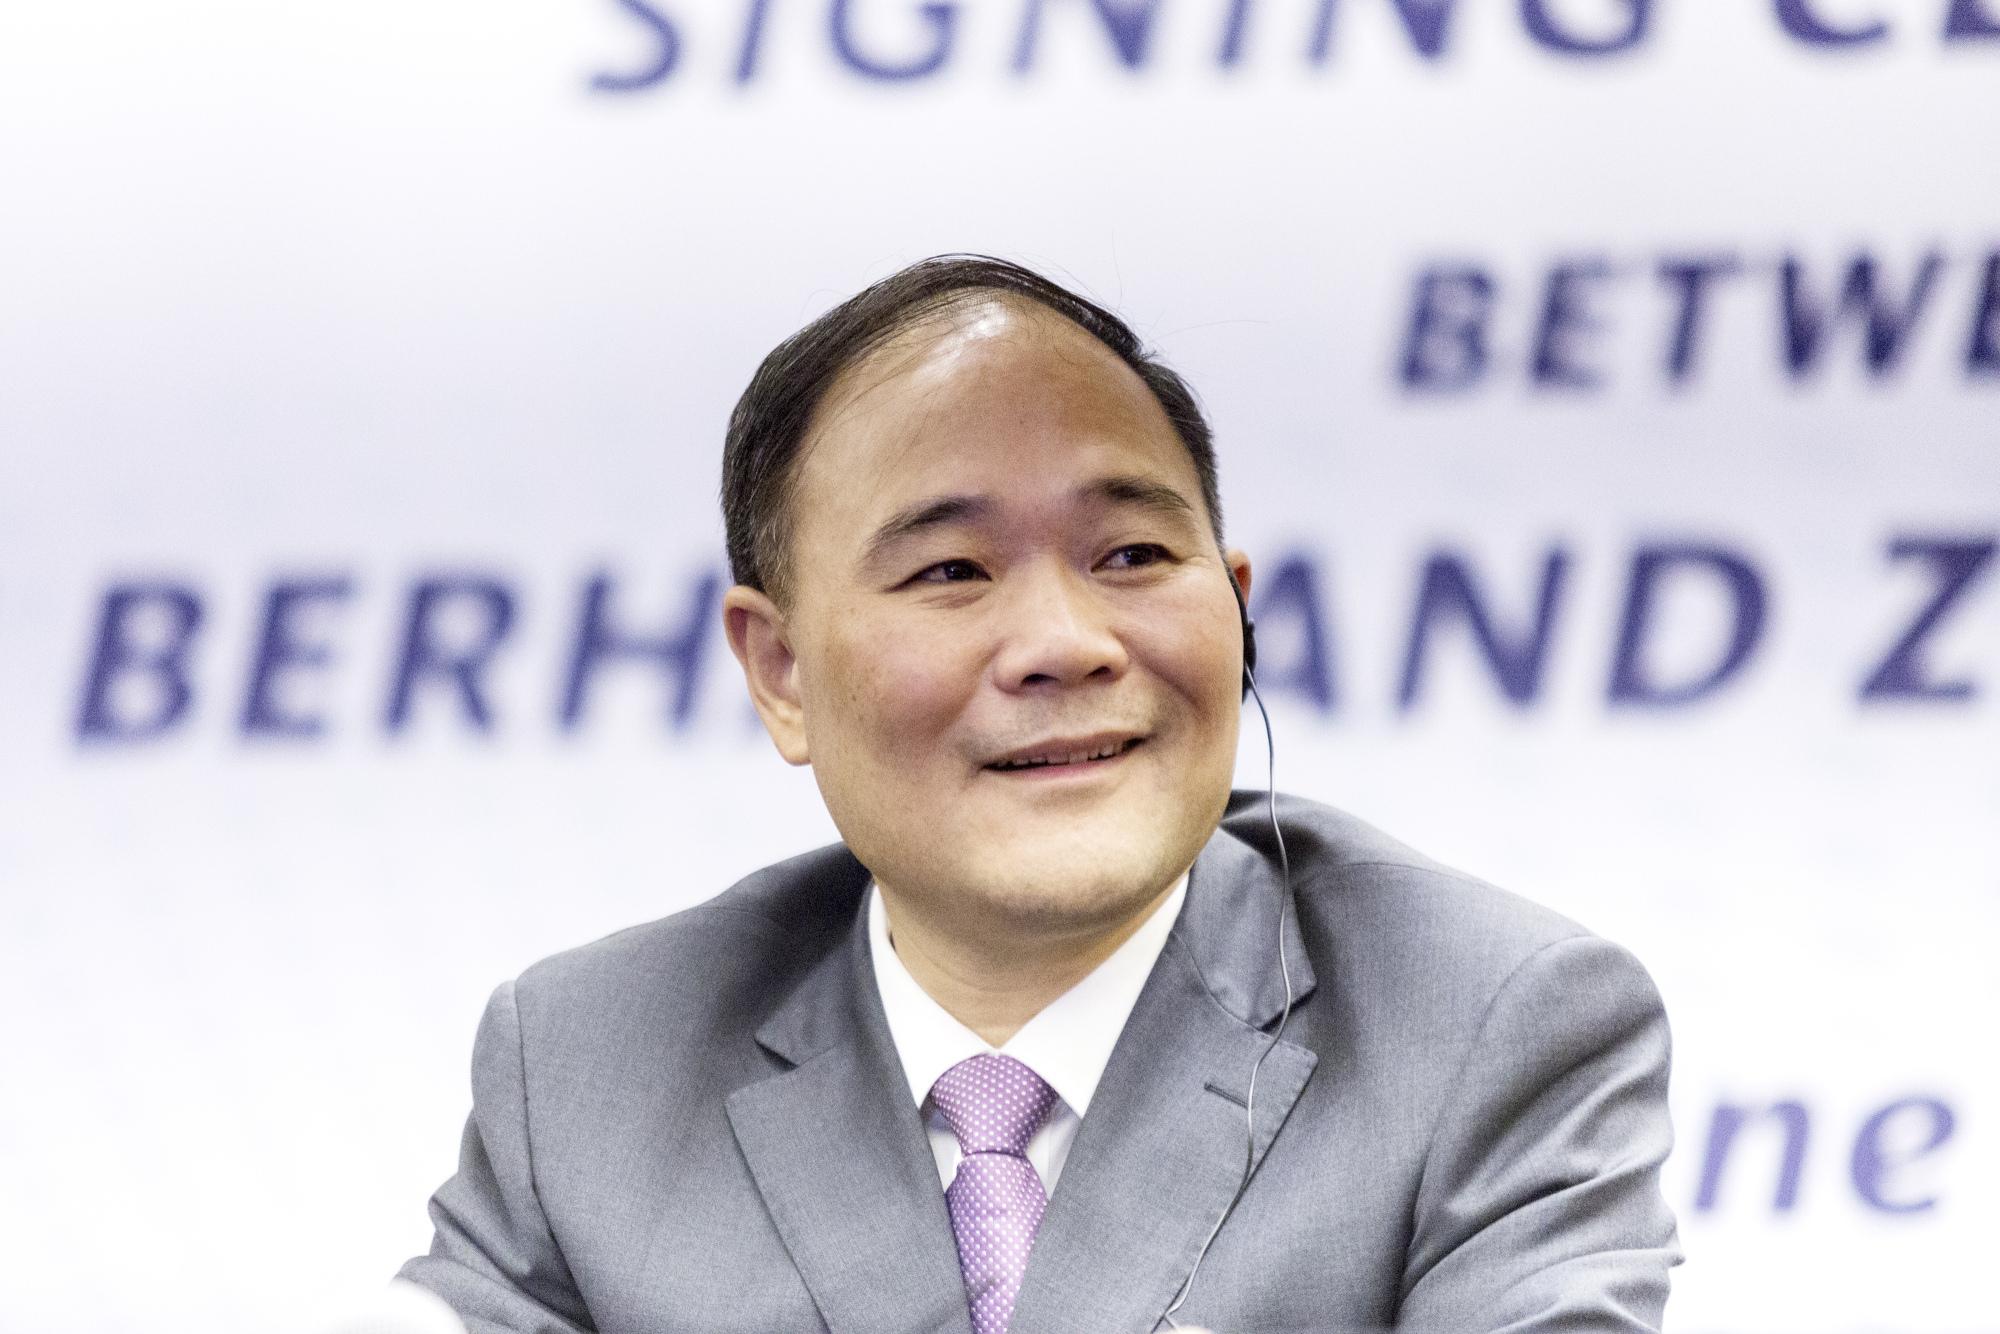 奔驰国产化还远吗?吉利李书福豪掷570亿入股奔驰成最大股东!